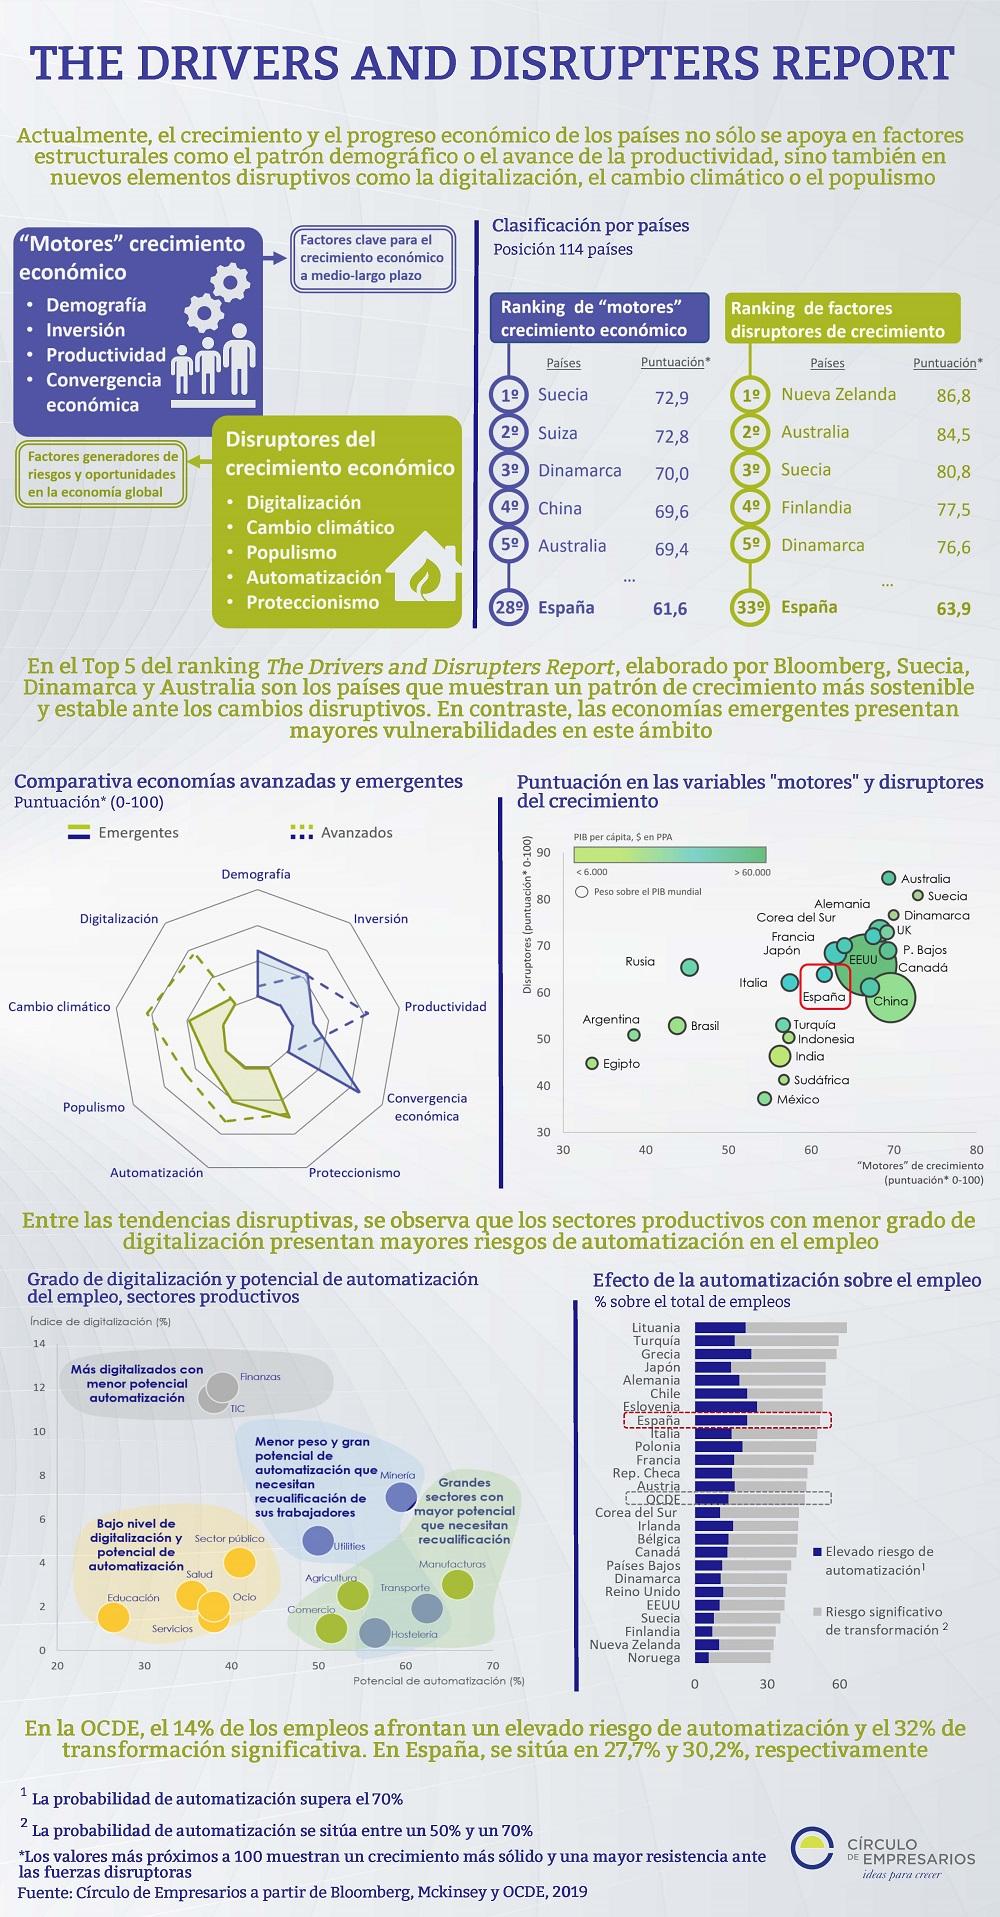 THE-DRIVERS-AND-DISRUPTERS-REPORT-Español-Noviembre-2019-Circulo-de-Empresarios